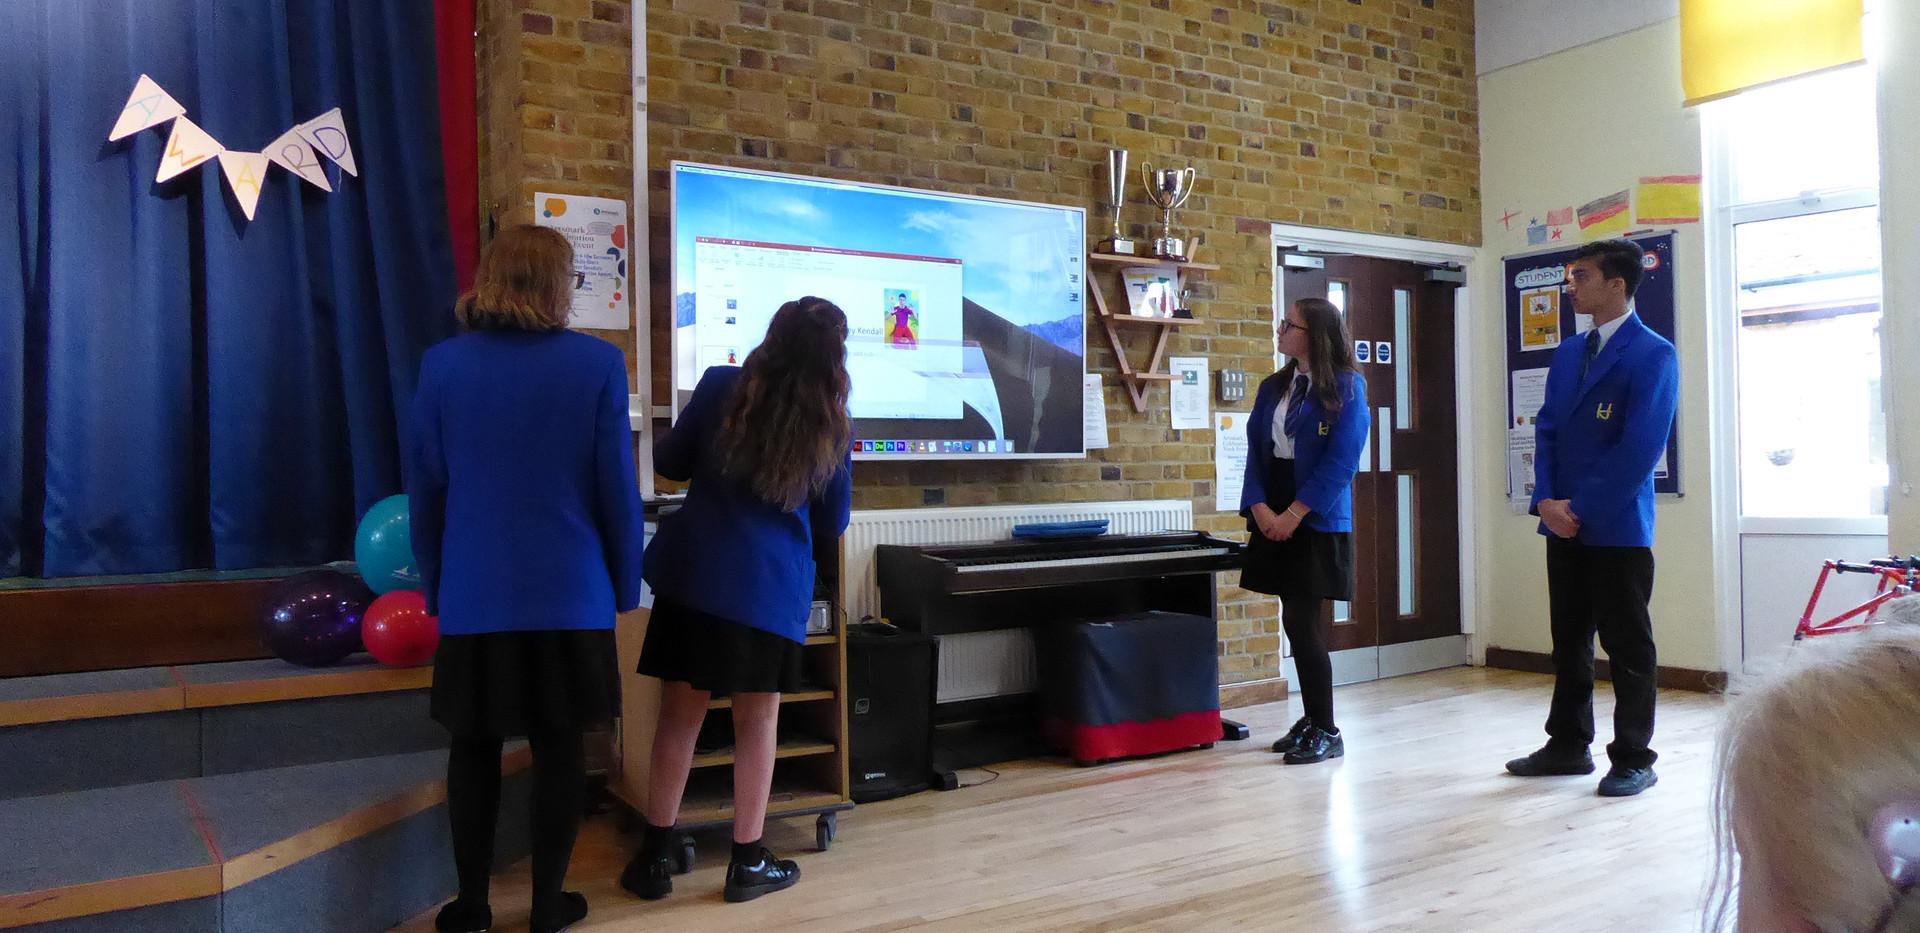 4 students artsmark ppt.jpg